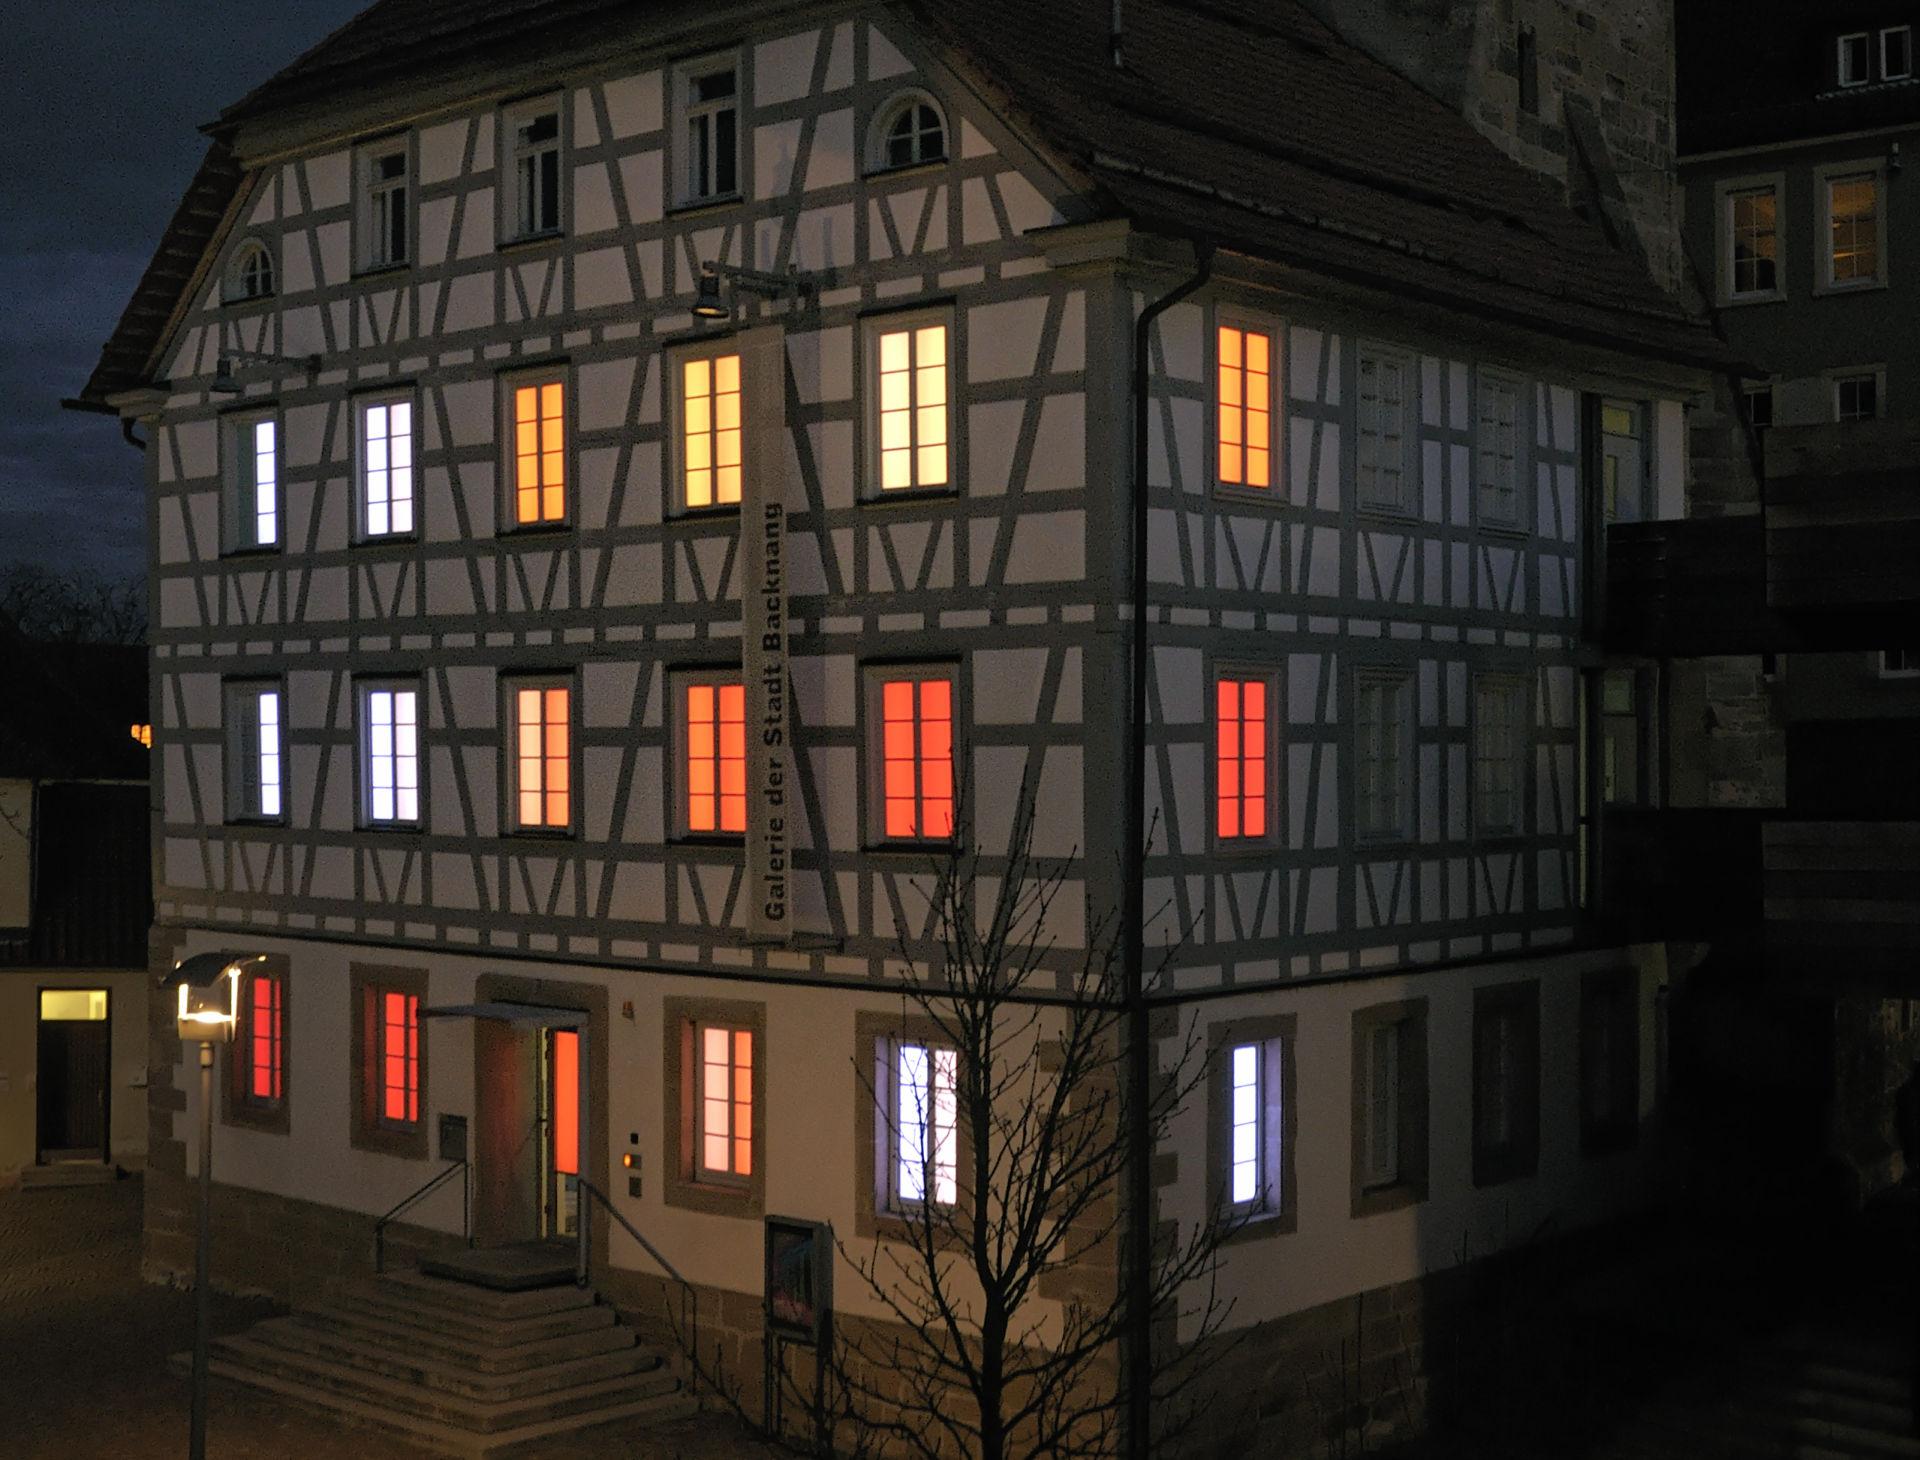 daniel_hausig_sprechende_wand_2009_light-art-installationdaniel_hausig_sprechende_wand_2009_light-art-installation